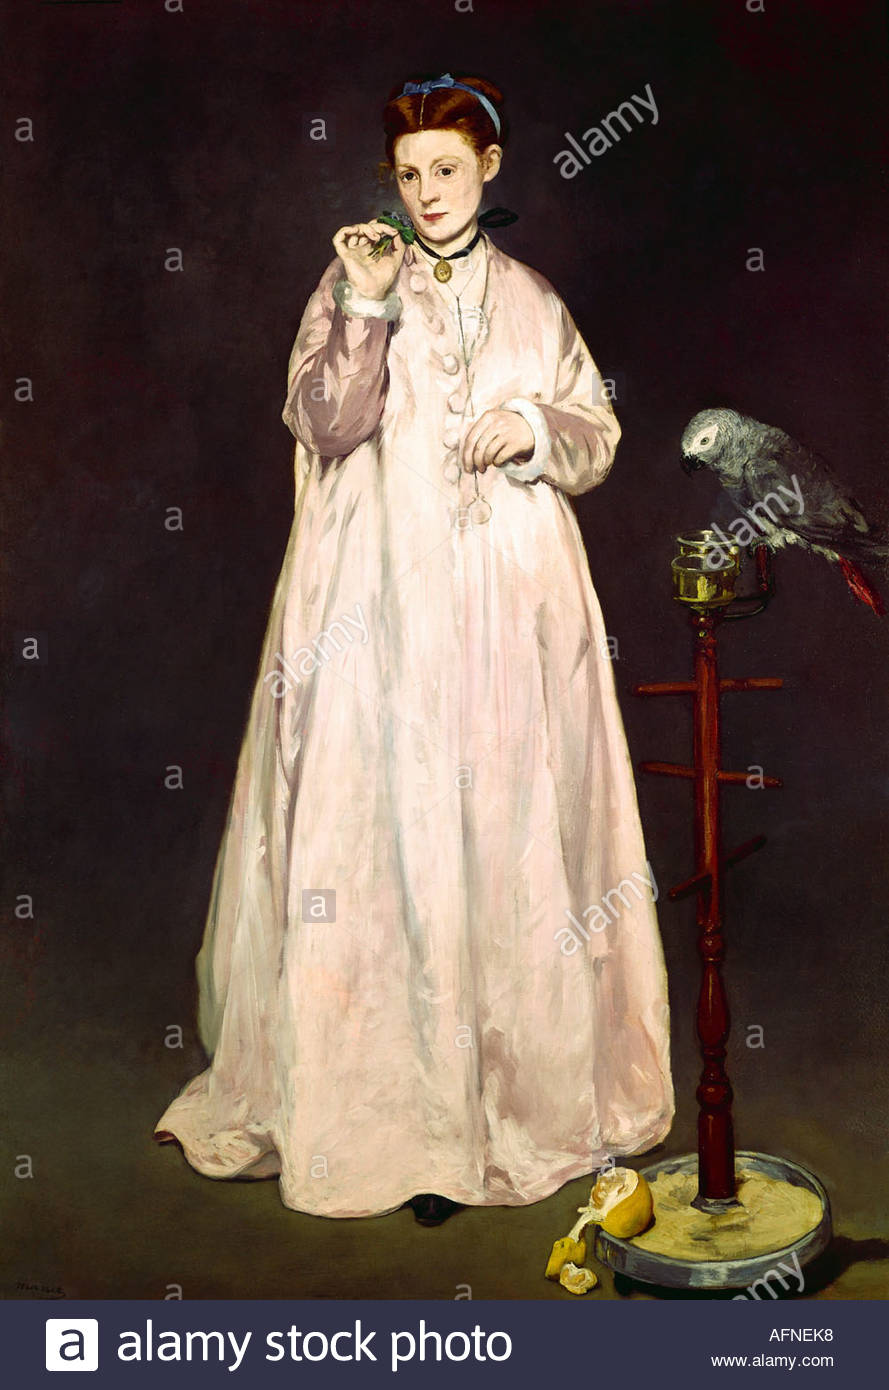 'Fine Arts, Manet, Édouard, (1832 - 1883), peinture, 'La Femme au perroquet', ('femme avec Photo Stock